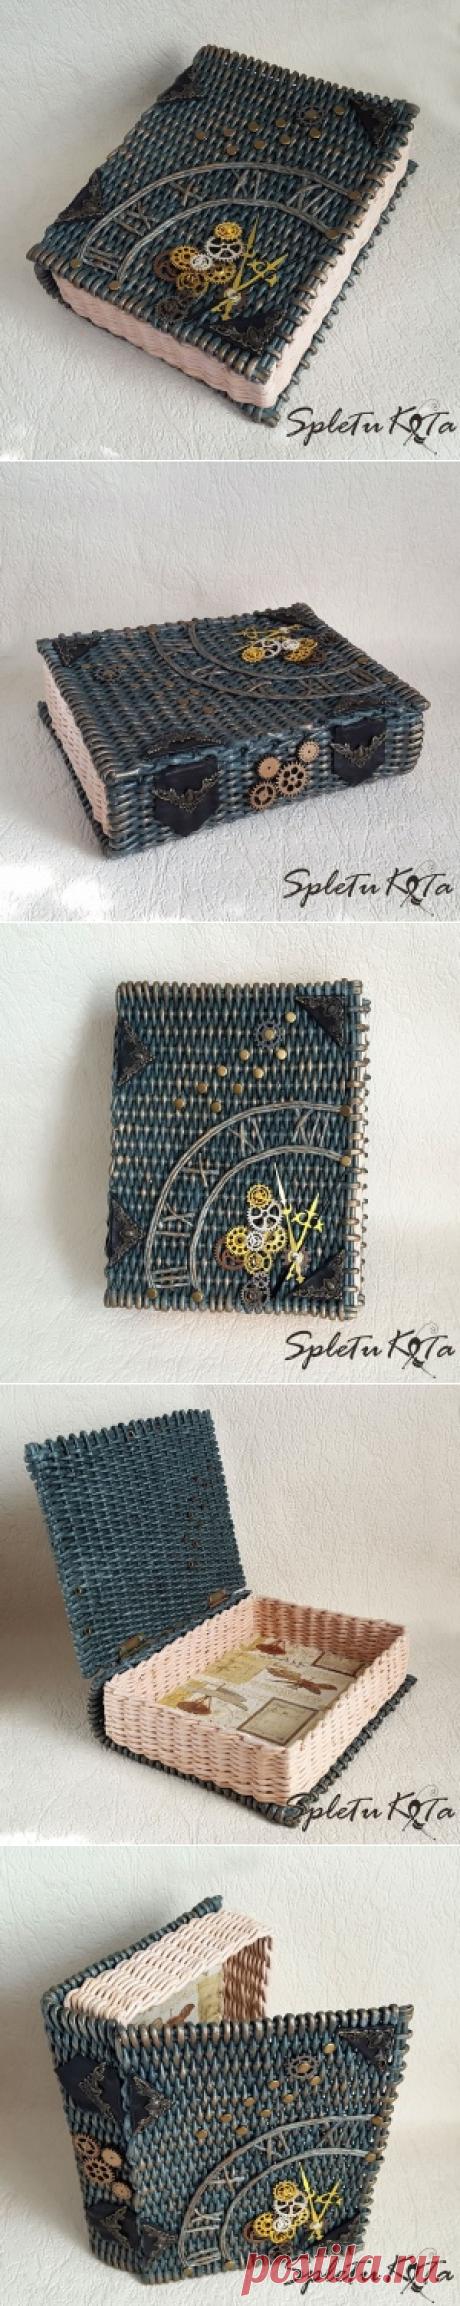 Плетеная шкатулка-книга в стиле стимпанк